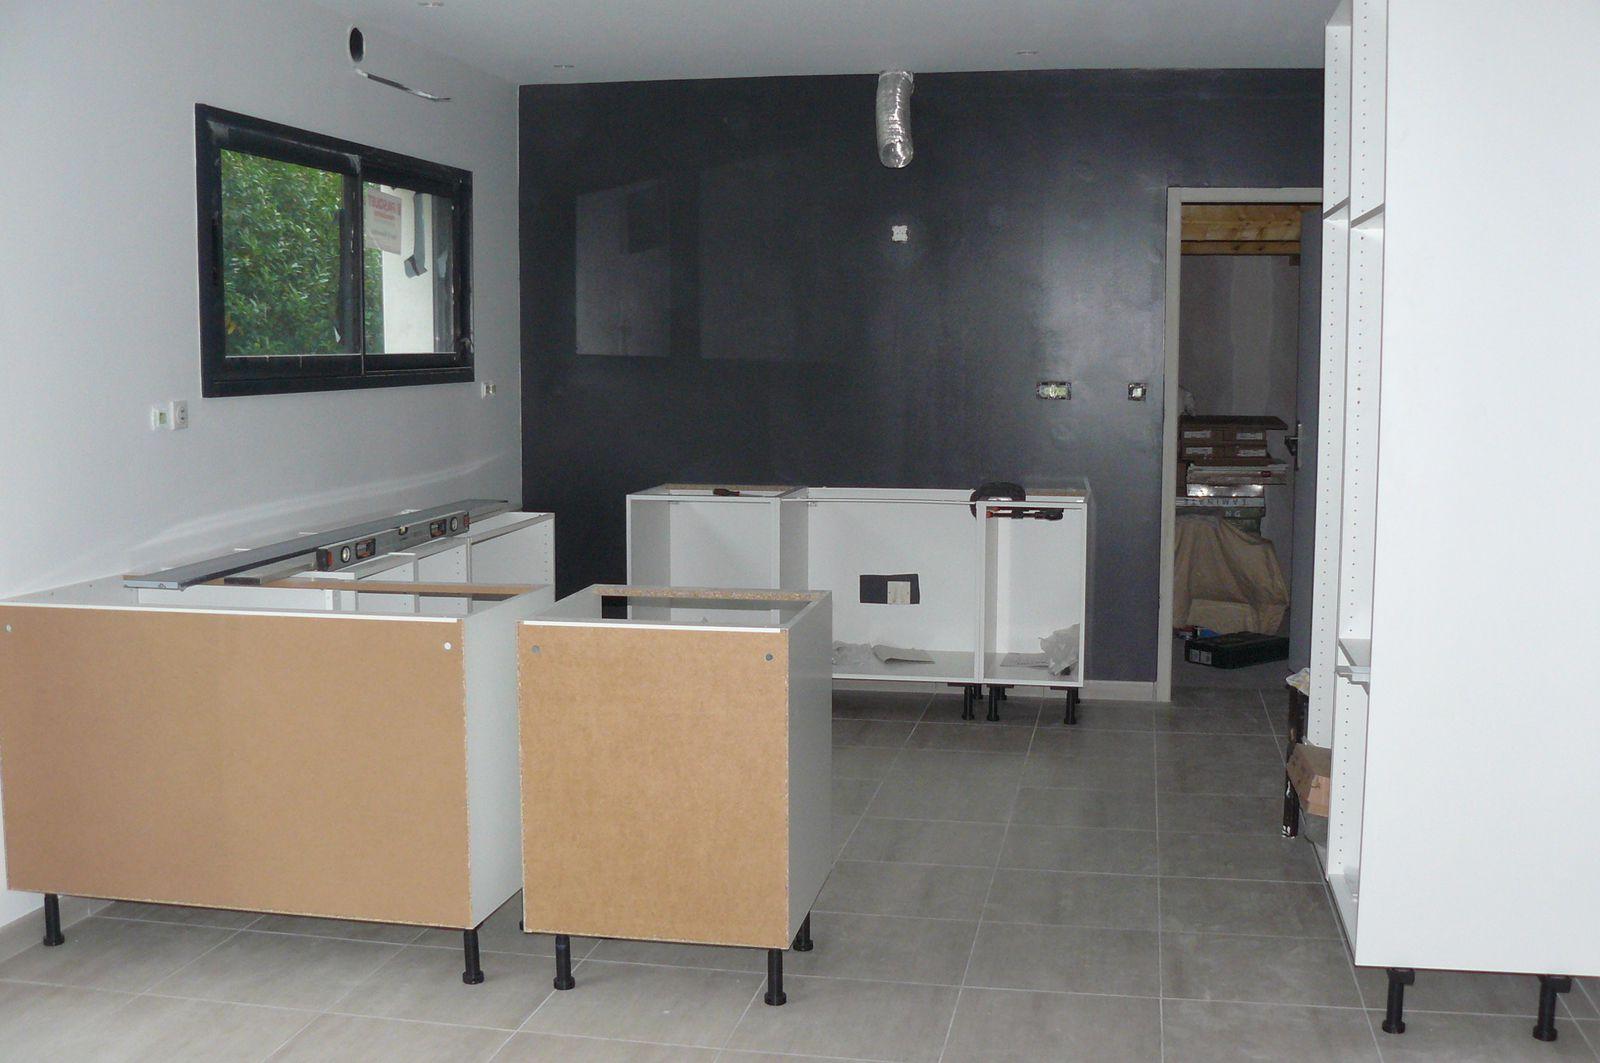 cuisine ikea notre projet de construction sur treilli res 44. Black Bedroom Furniture Sets. Home Design Ideas